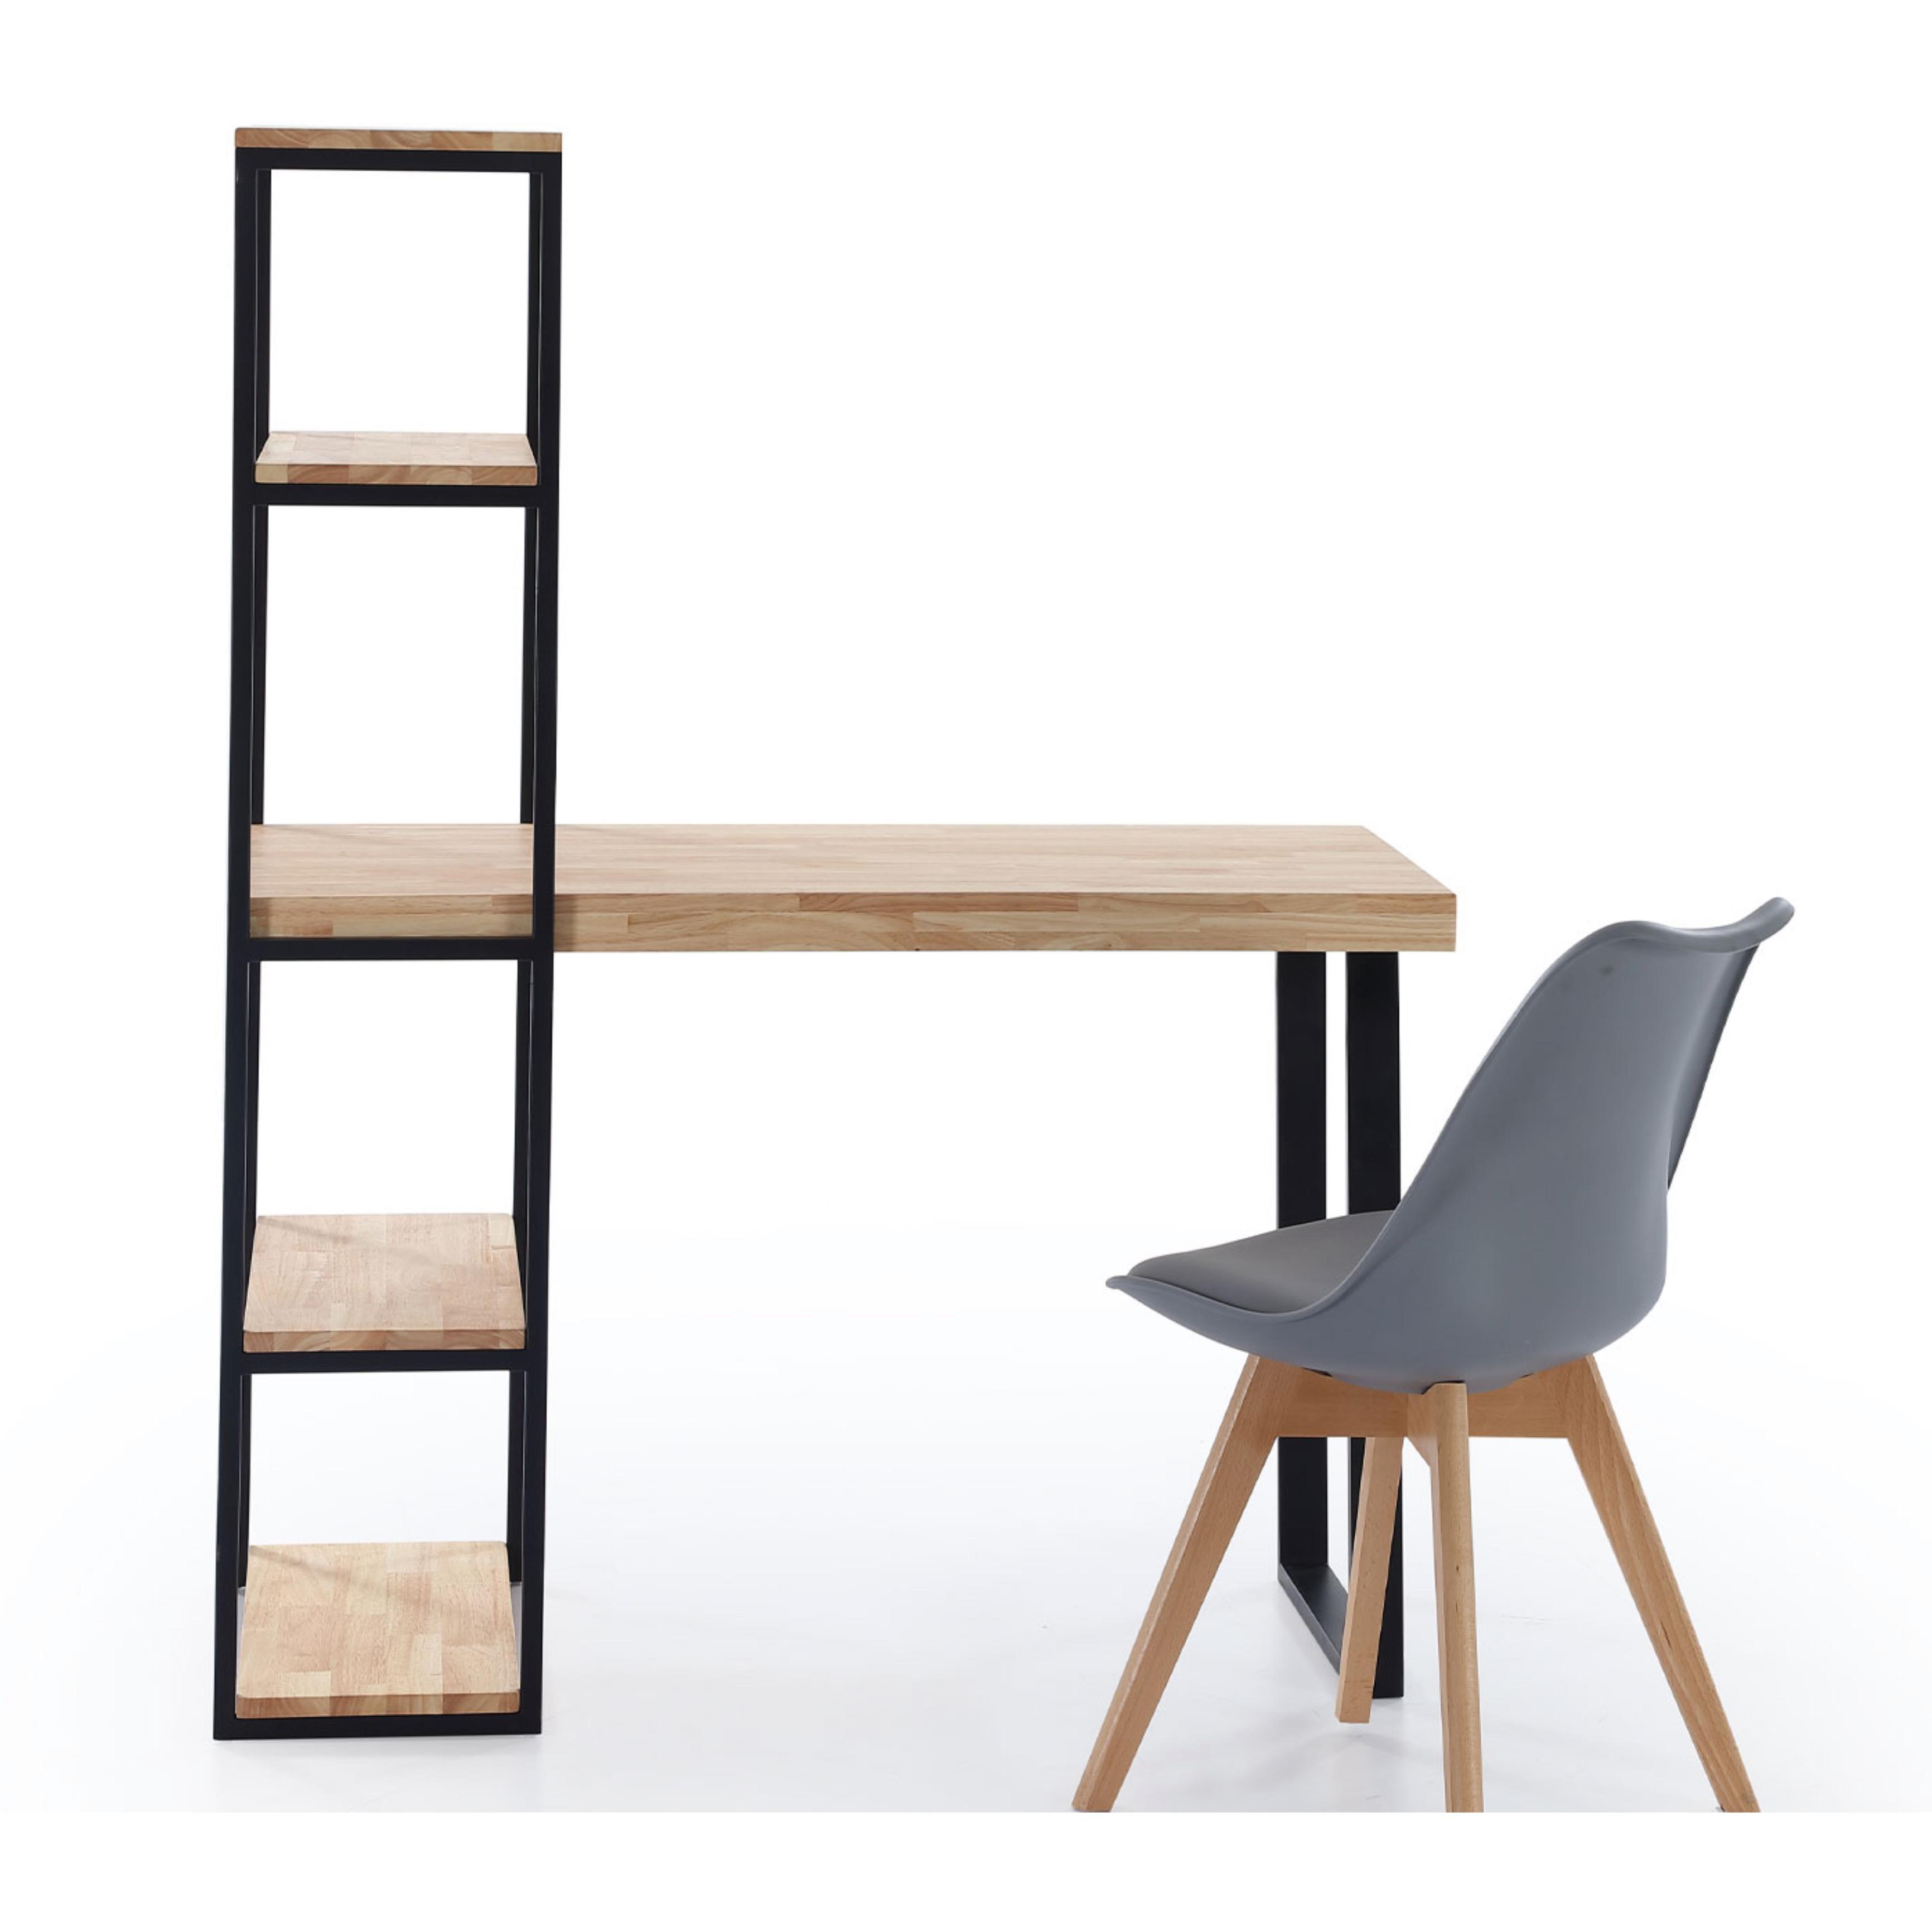 29573-escritorio-estanteria-roble-nordish-2.jpeg